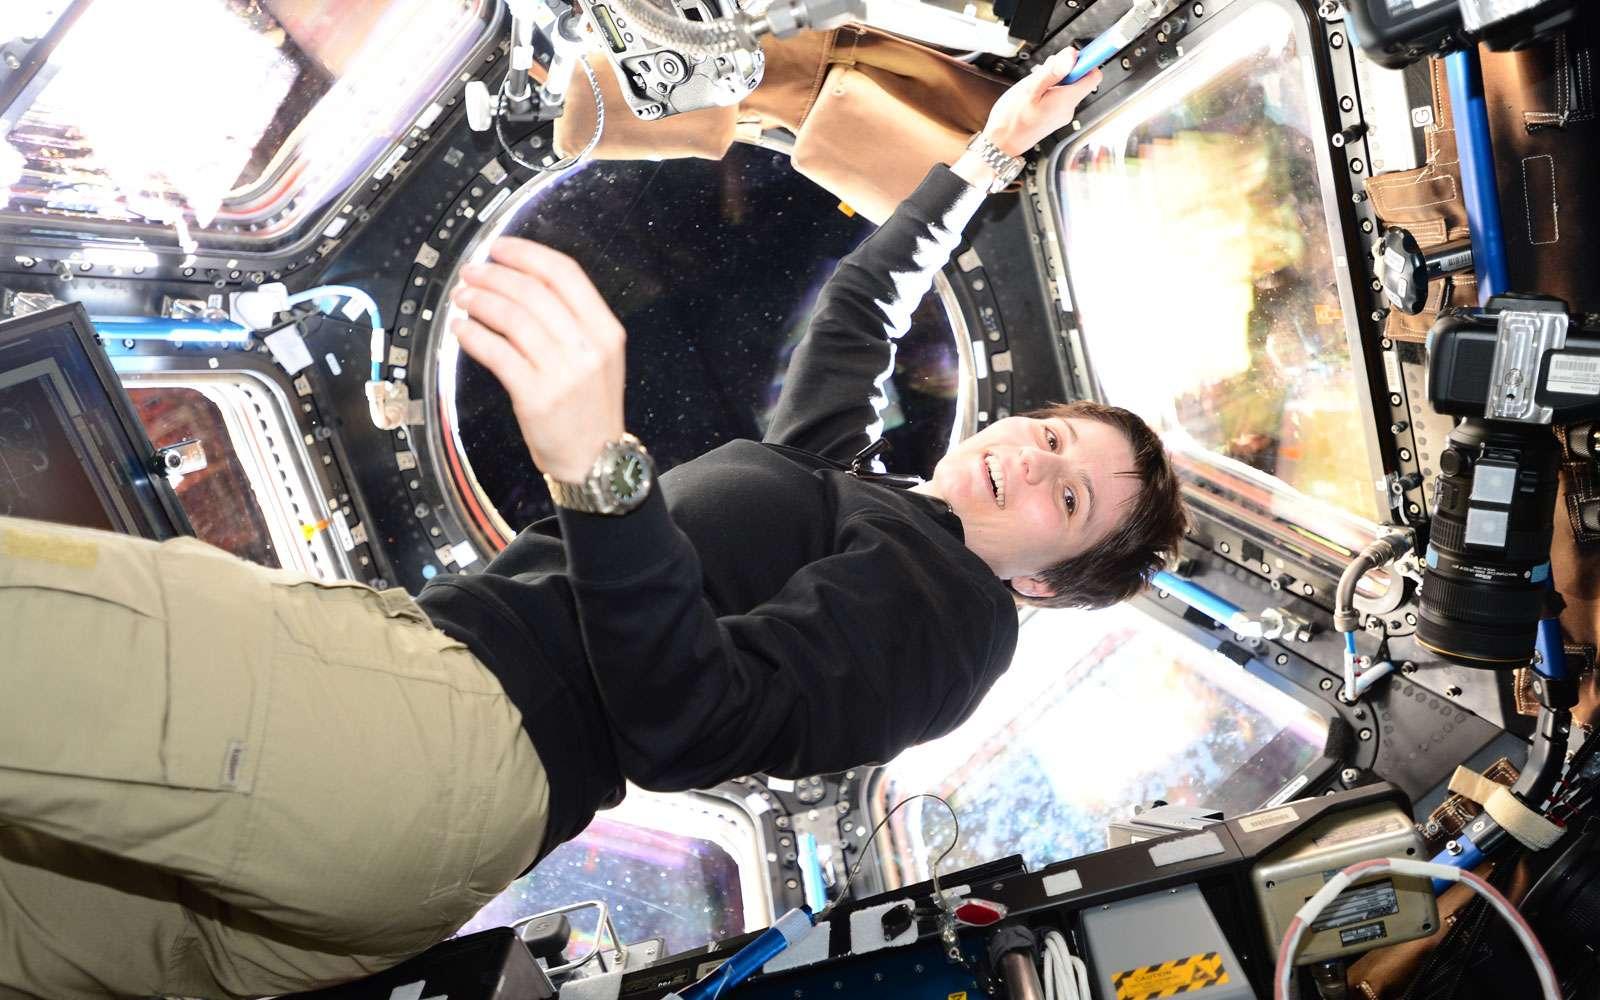 Les astronautes en activité autour de la Terre sont protégés du rayonnement galactique par la magnétosphère terrestre. C'est le cas de l'Italienne Sammantha Cristoforetti récemment arrivée à bord de la Station Spatiale internationale. © Esa, Nasa